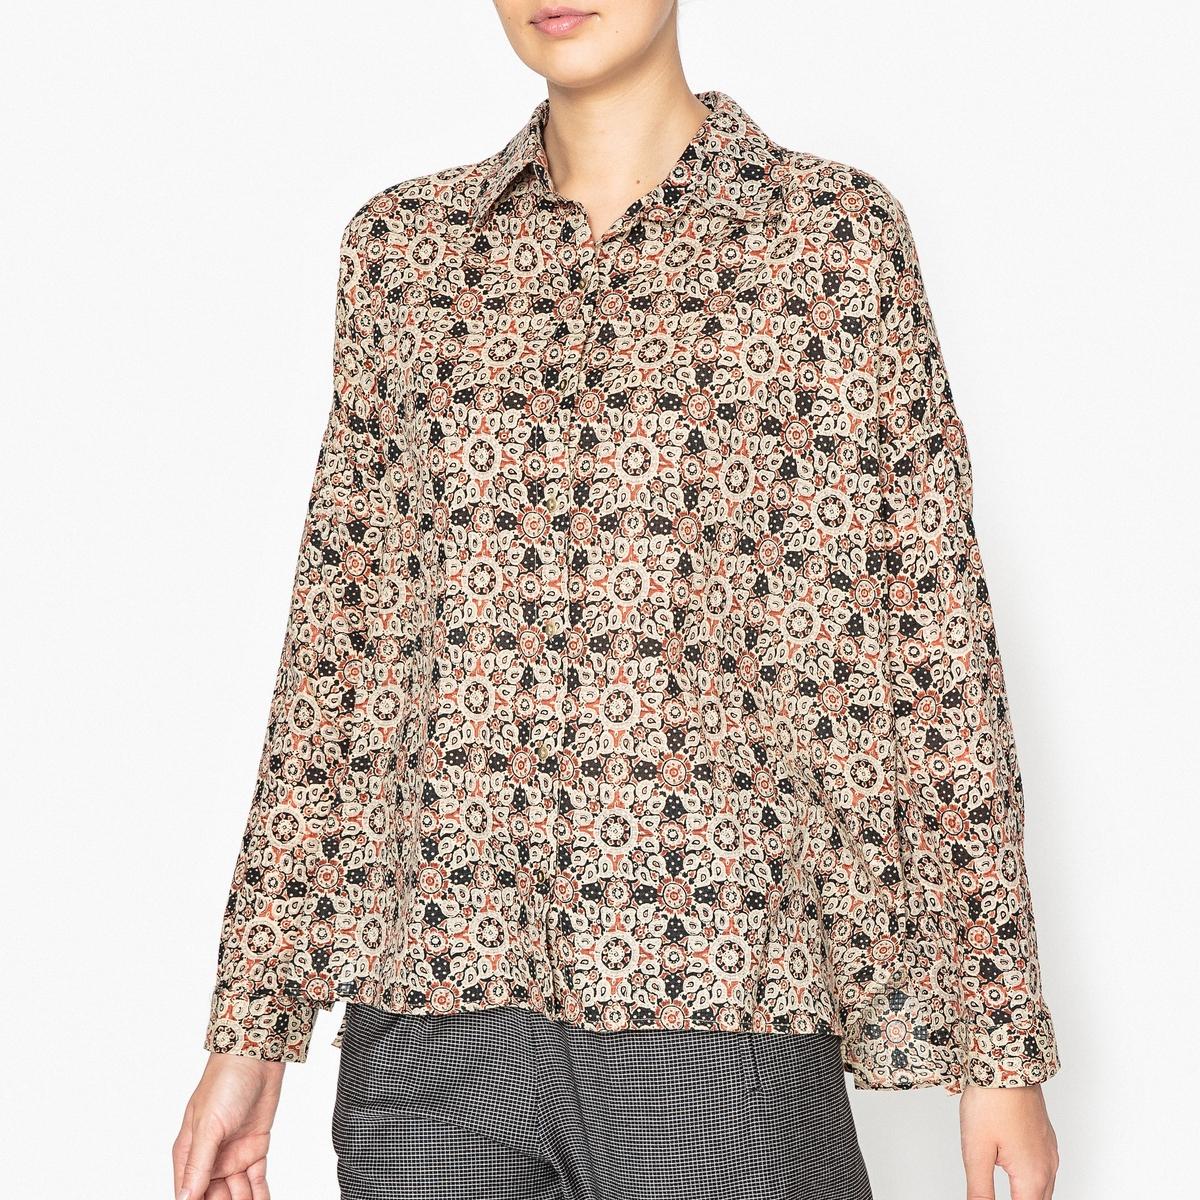 Рубашка просторная с рисунком SNAKEРубашка с длинными рукавами LAURENCE BRAS - модель SNAKE просторного покроя с золотистыми пуговицами,  из 100% хлопка с рисунком.Детали •  Длинные рукава •  Покрой бойфренд, свободный •  Воротник-поло, рубашечный  •  Рисунок-принтСостав и уход •  100% хлопок •  Следуйте советам по уходу, указанным на этикетке •  Манжеты на пуговицах •  Прорезь с каждой стороны<br><br>Цвет: рисунок черный,рисунок/оранжевый